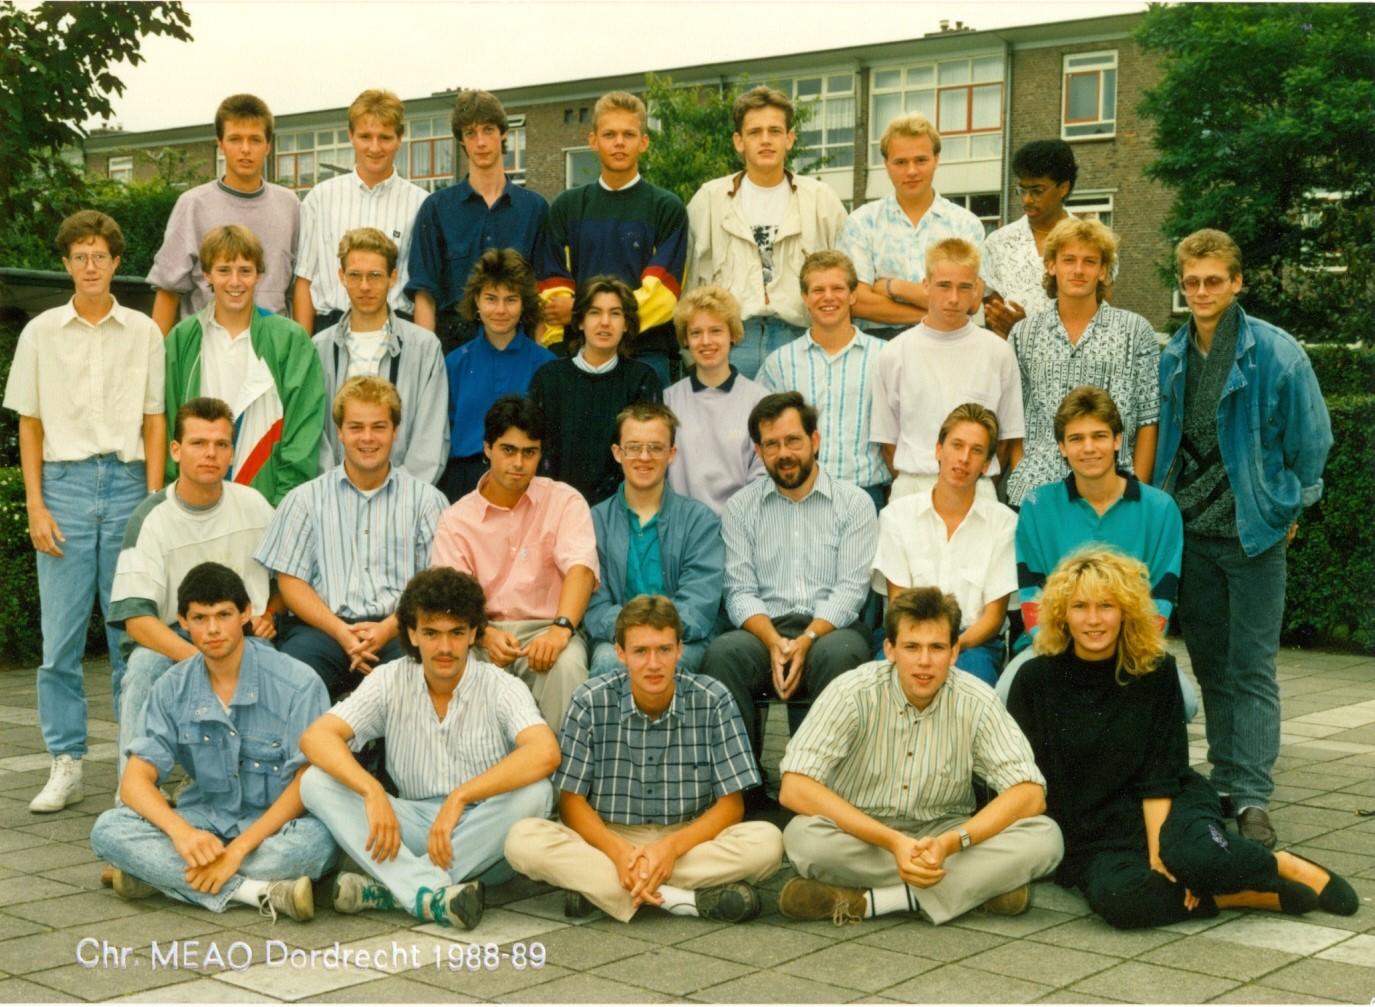 Biesbosch College, MEAO foto